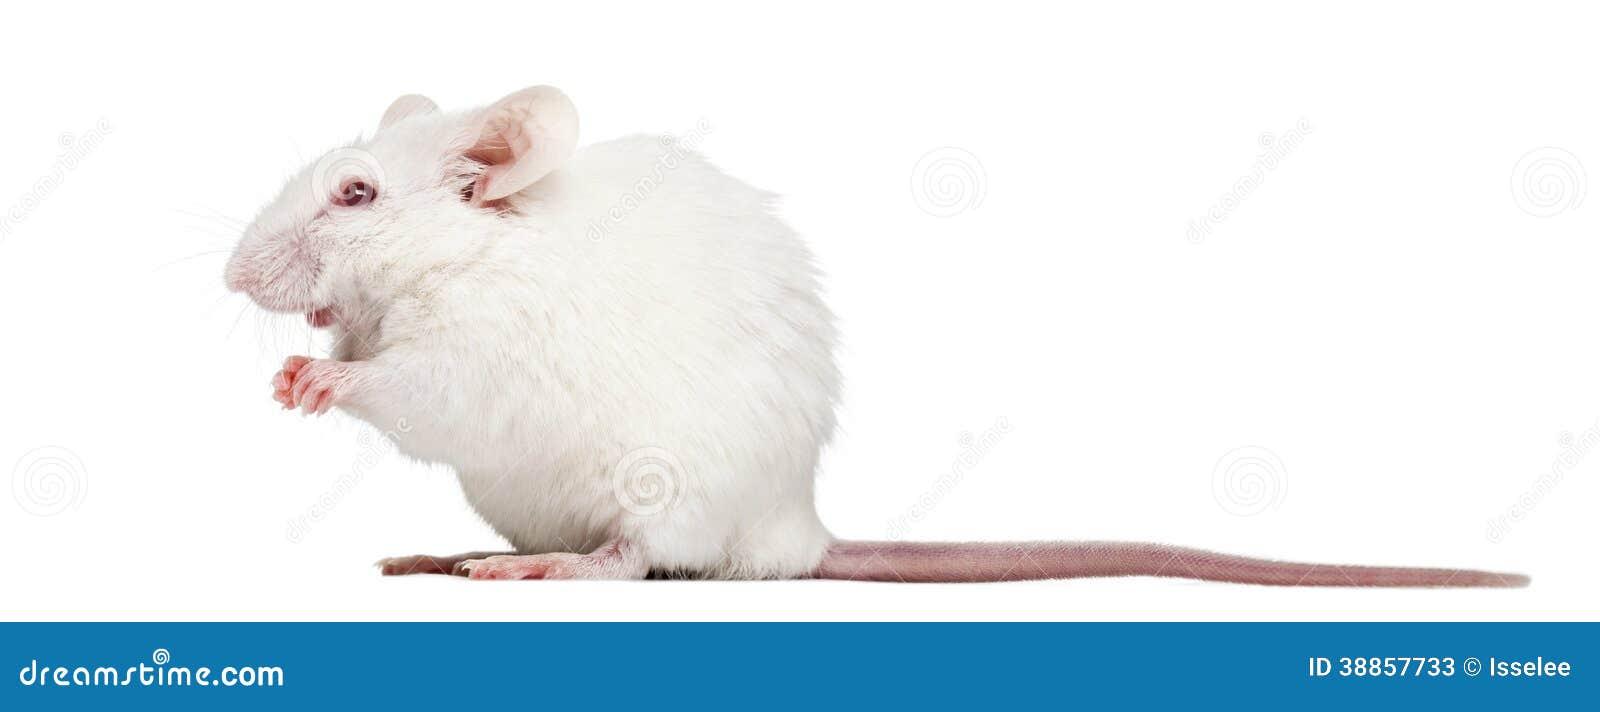 白���l��8ࢹ��9h�_白变种白色老鼠开会的侧视图, mus肌肉,隔绝在白色.